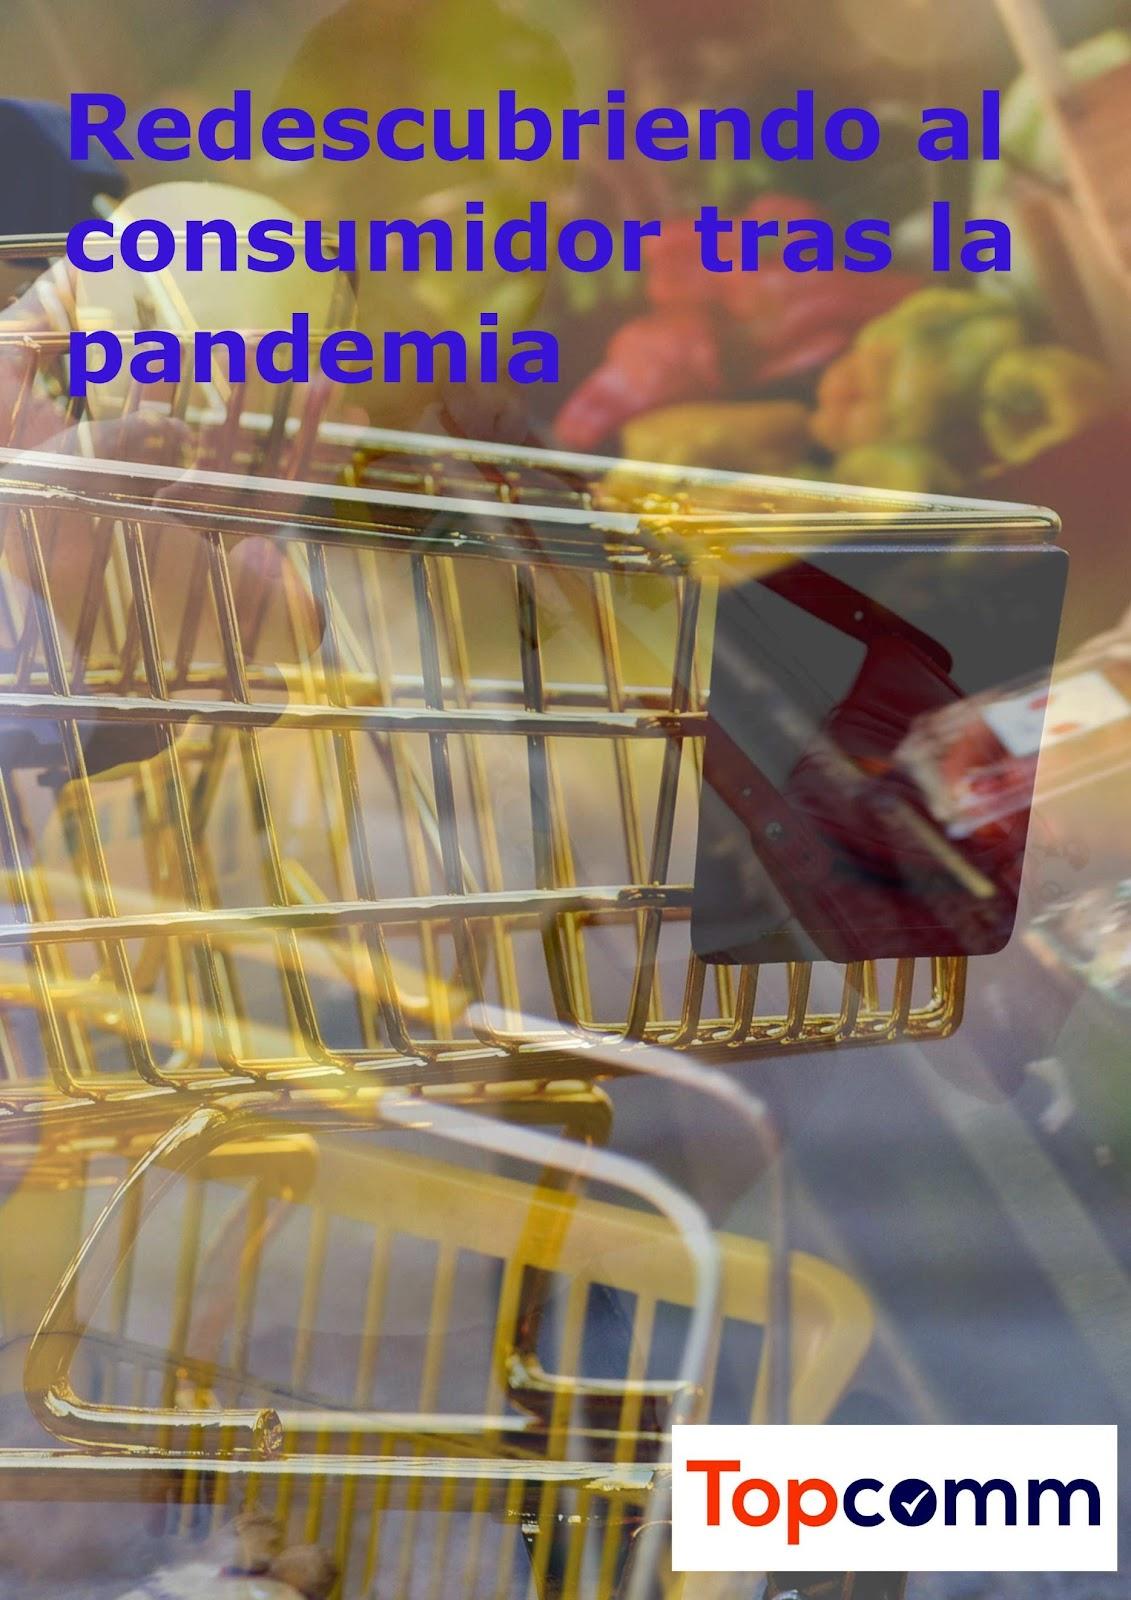 Imagen que contiene alimentos, jaulaDescripción generada automáticamente